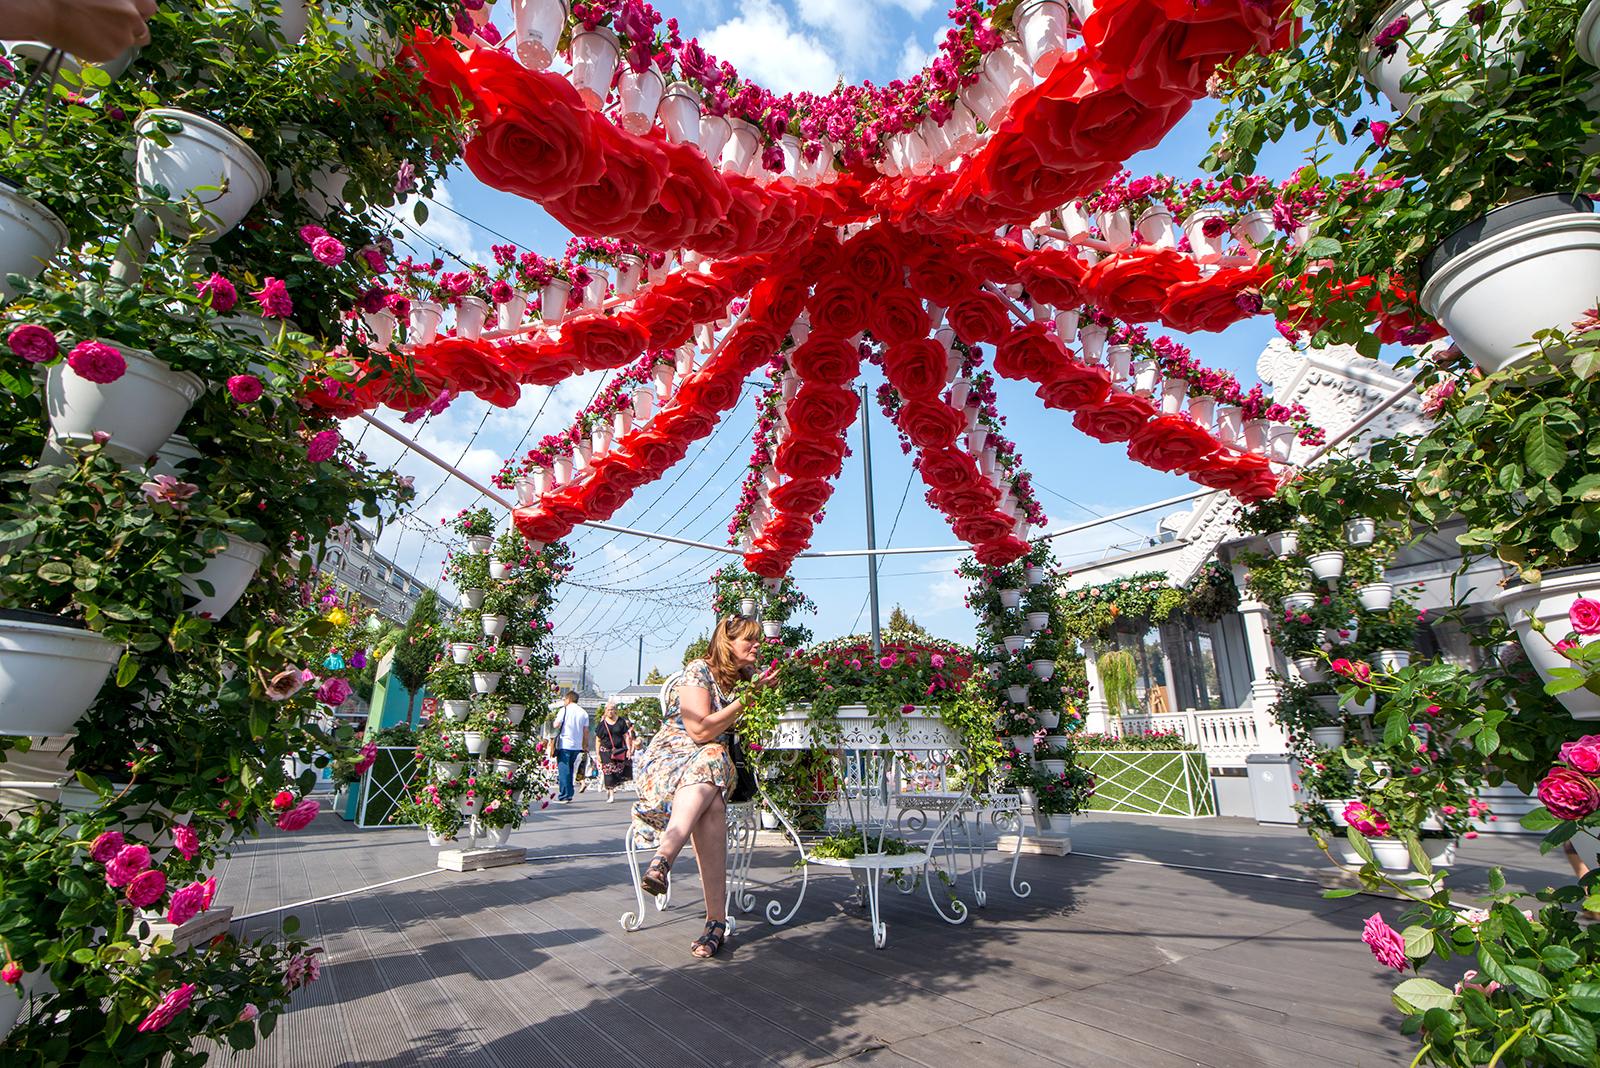 «Цветочный джем»: два проекта города получили награды национальной премии по ландшафтной архитектуре